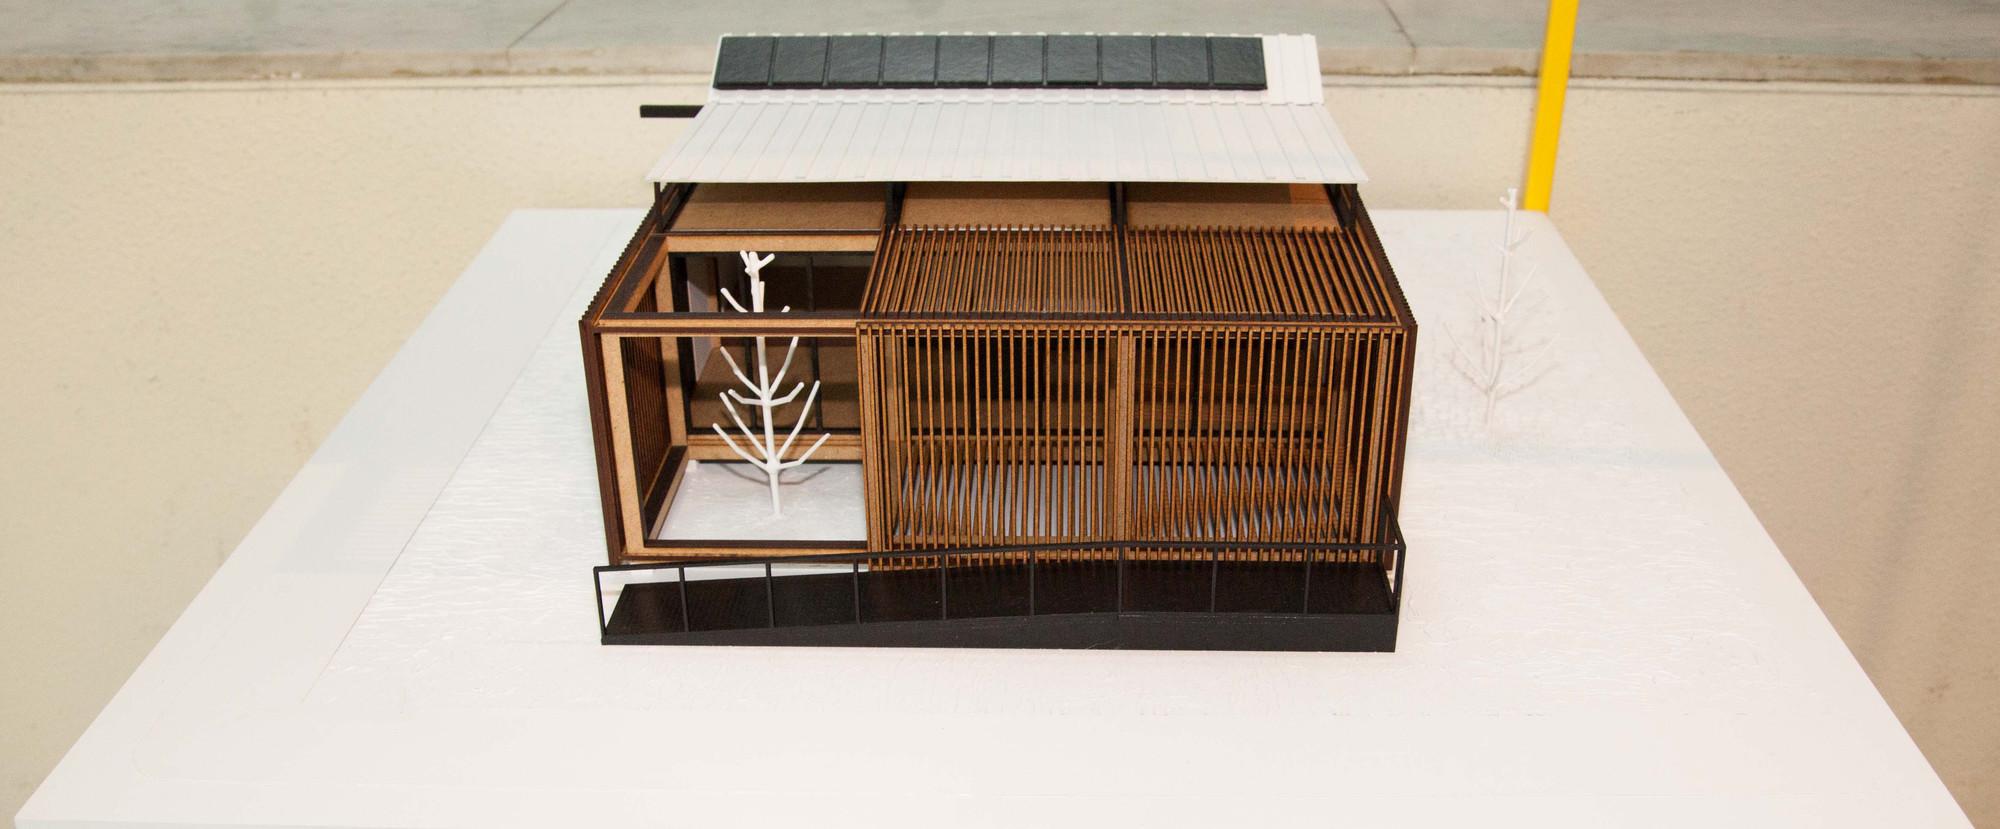 Casa VIDA. Universidad del Bio- Bio. Image Cortesia de Construye Solar